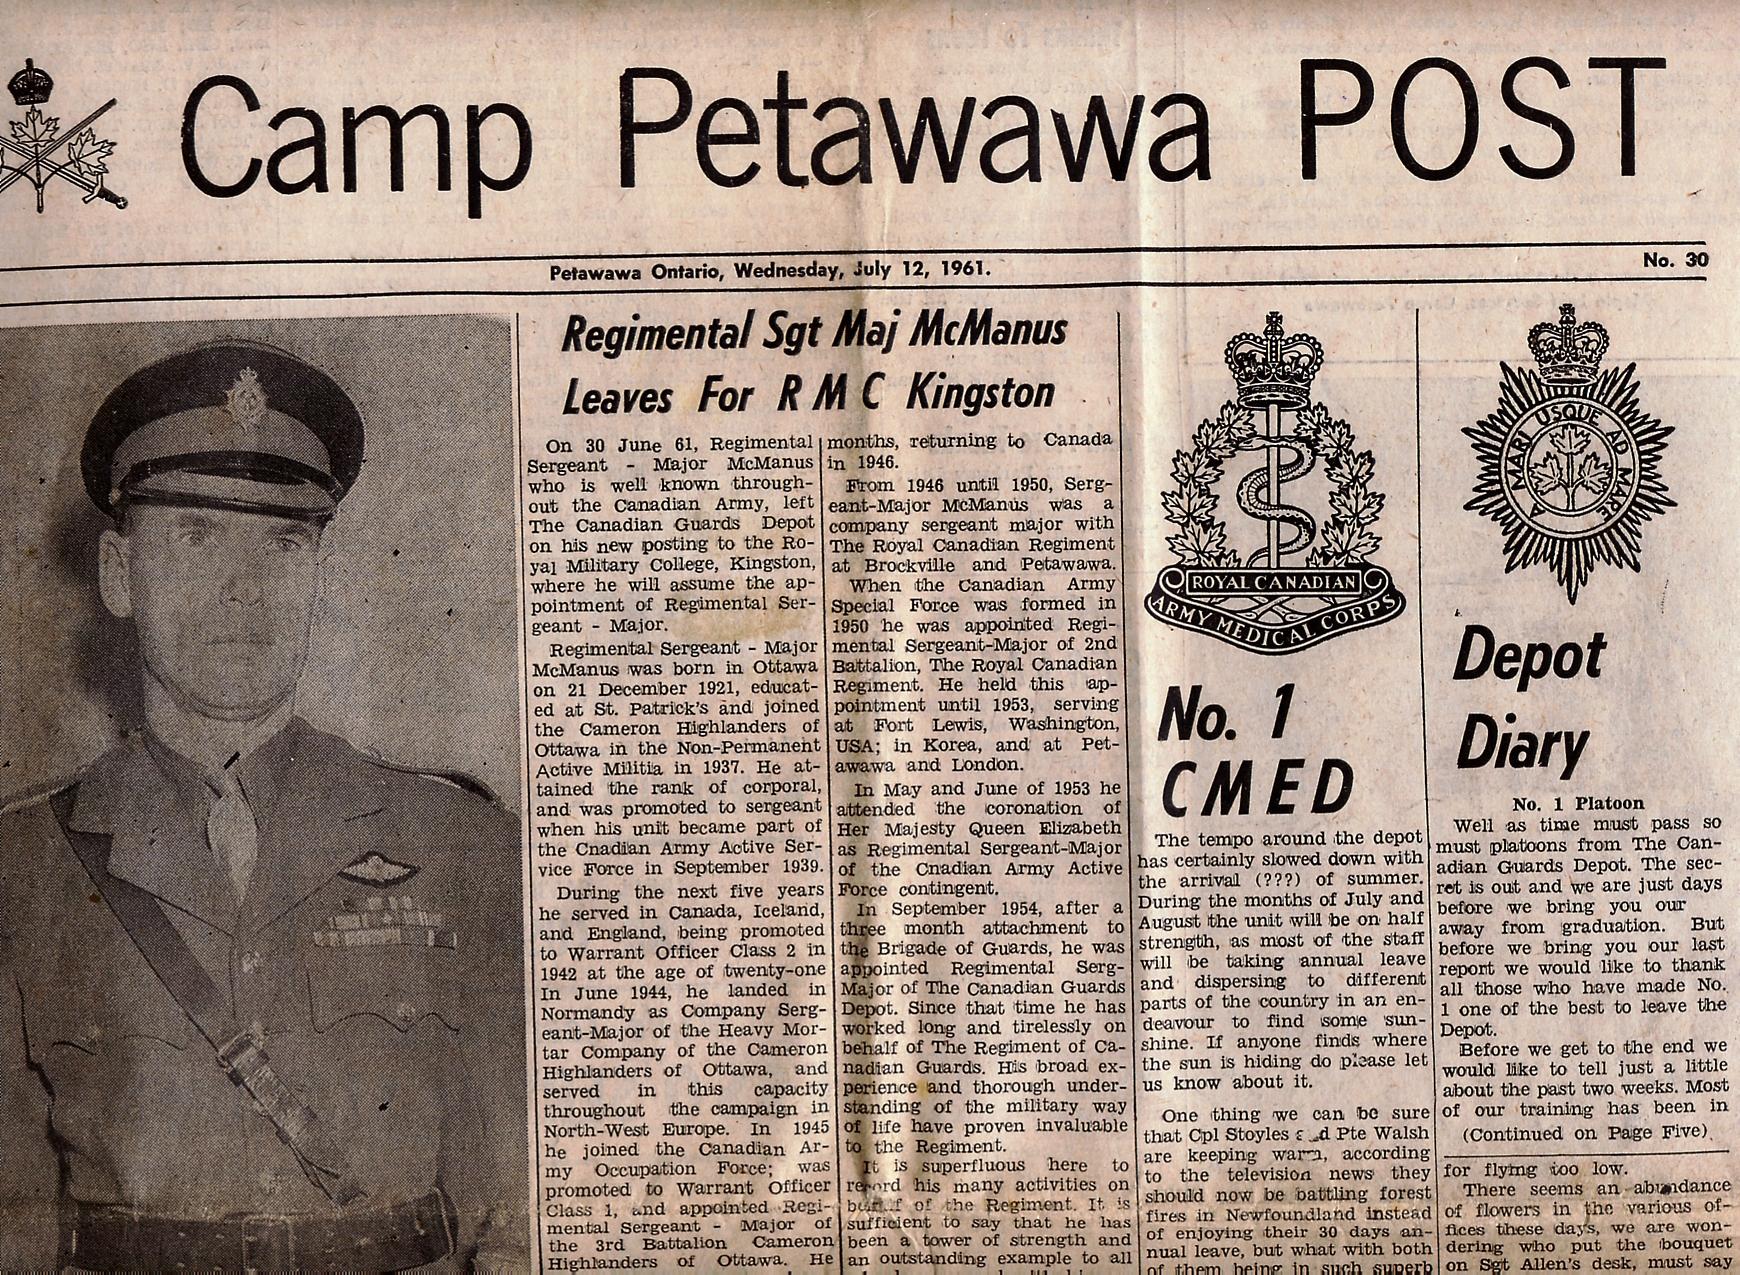 24_RSM McManus-Camp Petawawa Post-Wed 12 Jul 1961 - Pg 1R